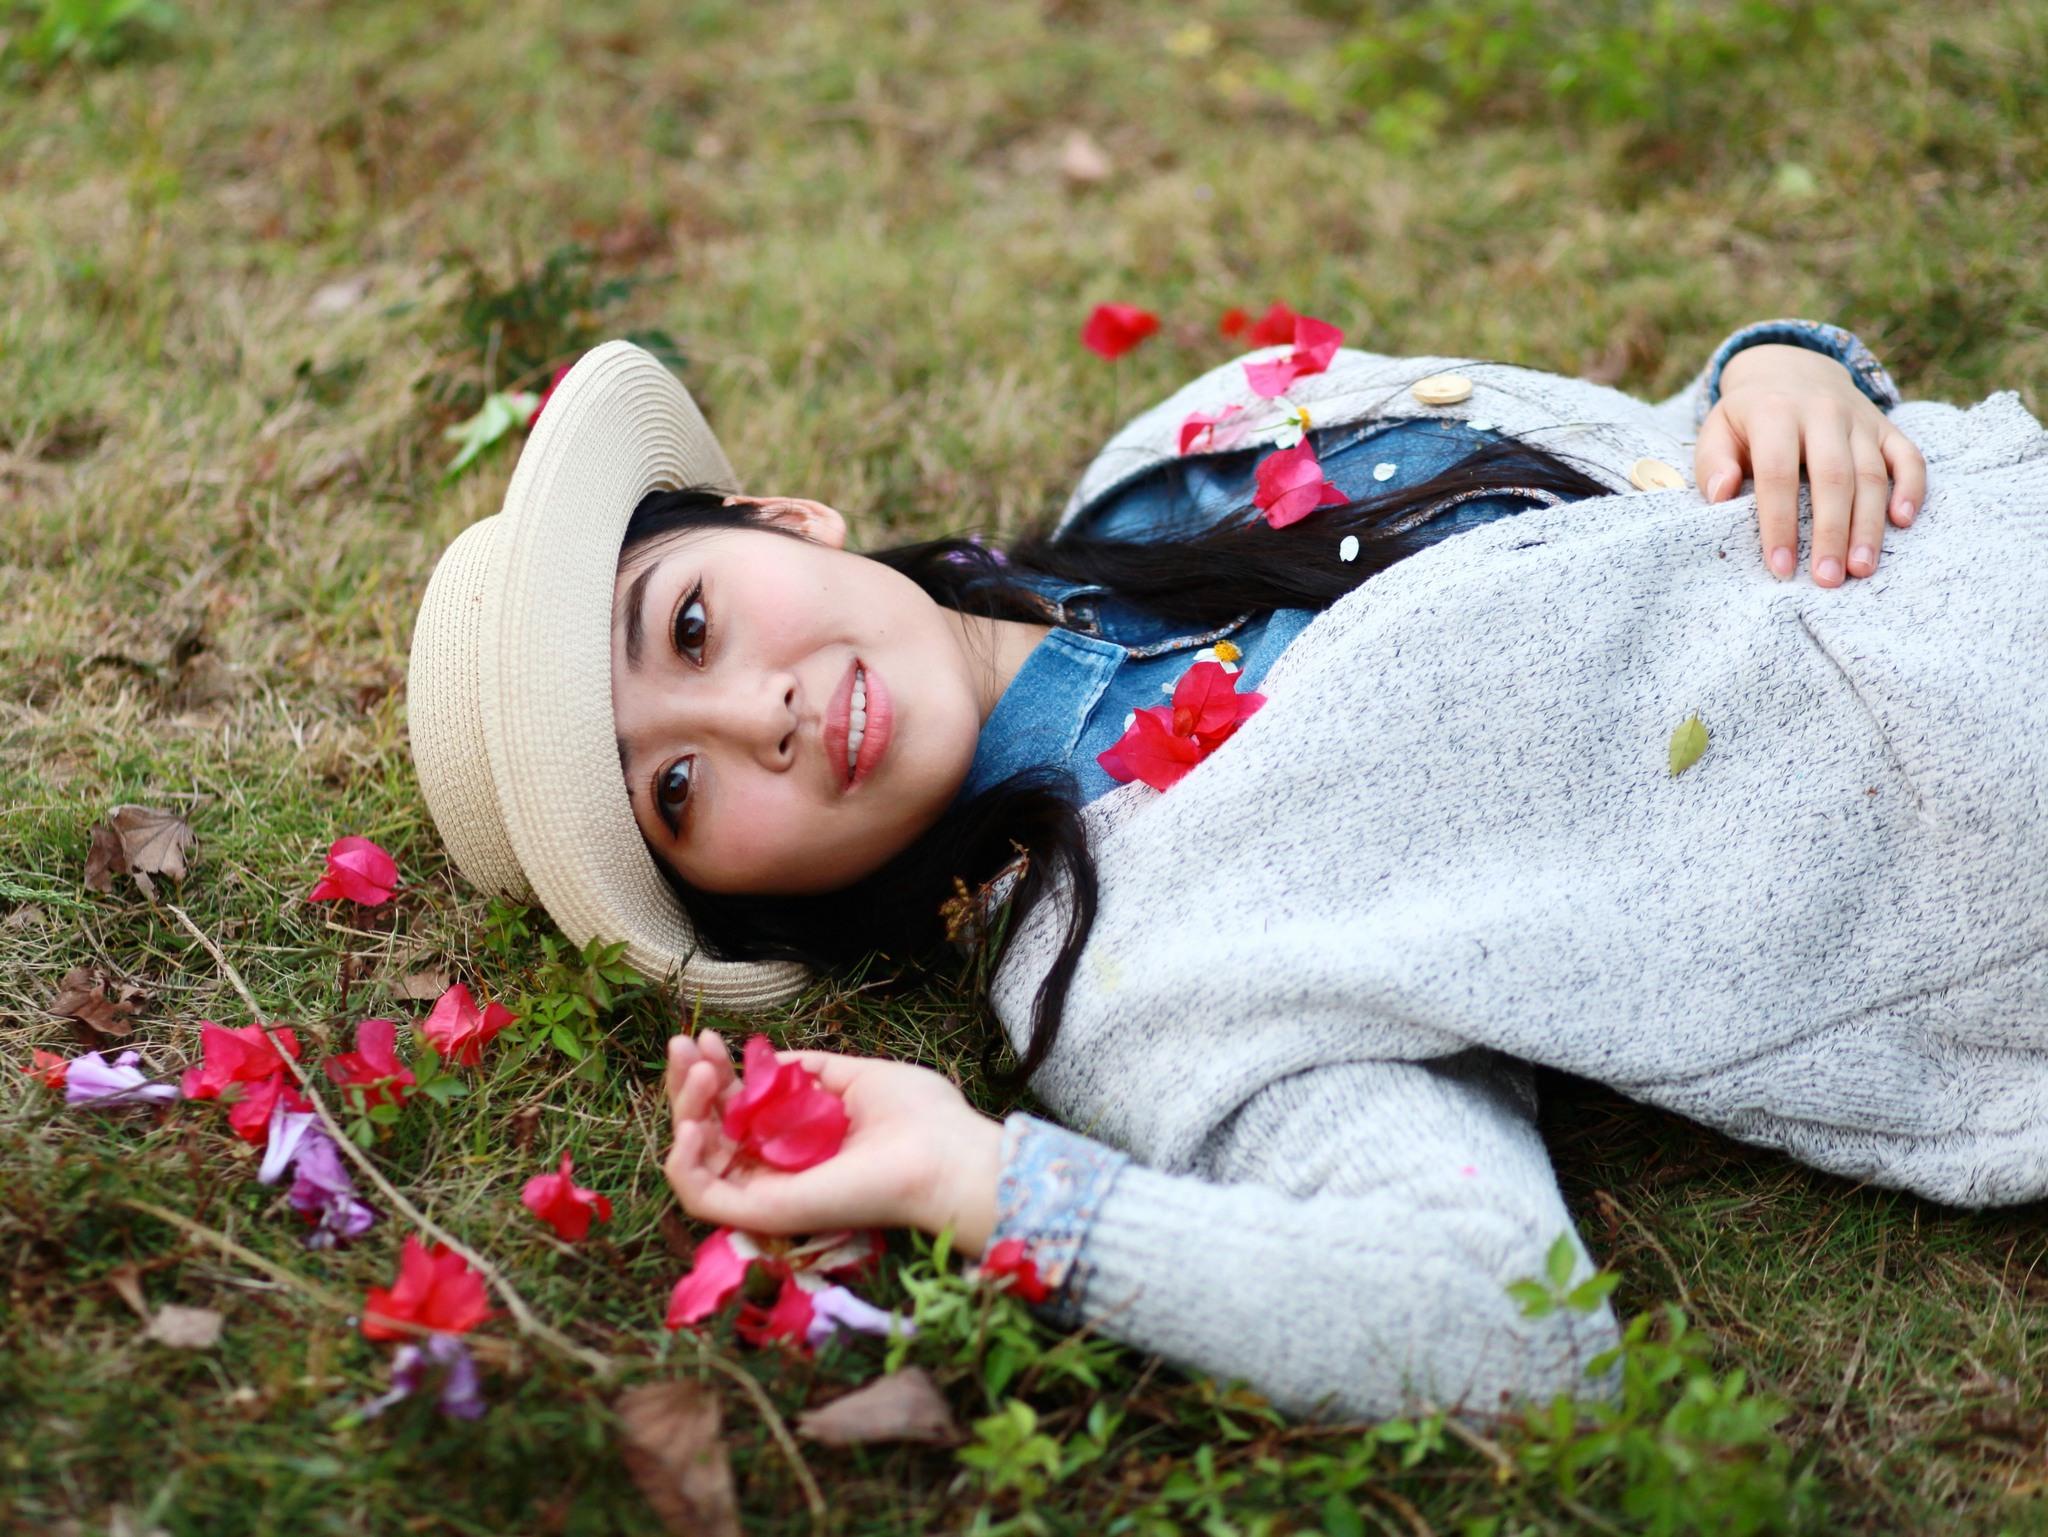 我亲爱的姑娘 - 春色满园 - 春色满园